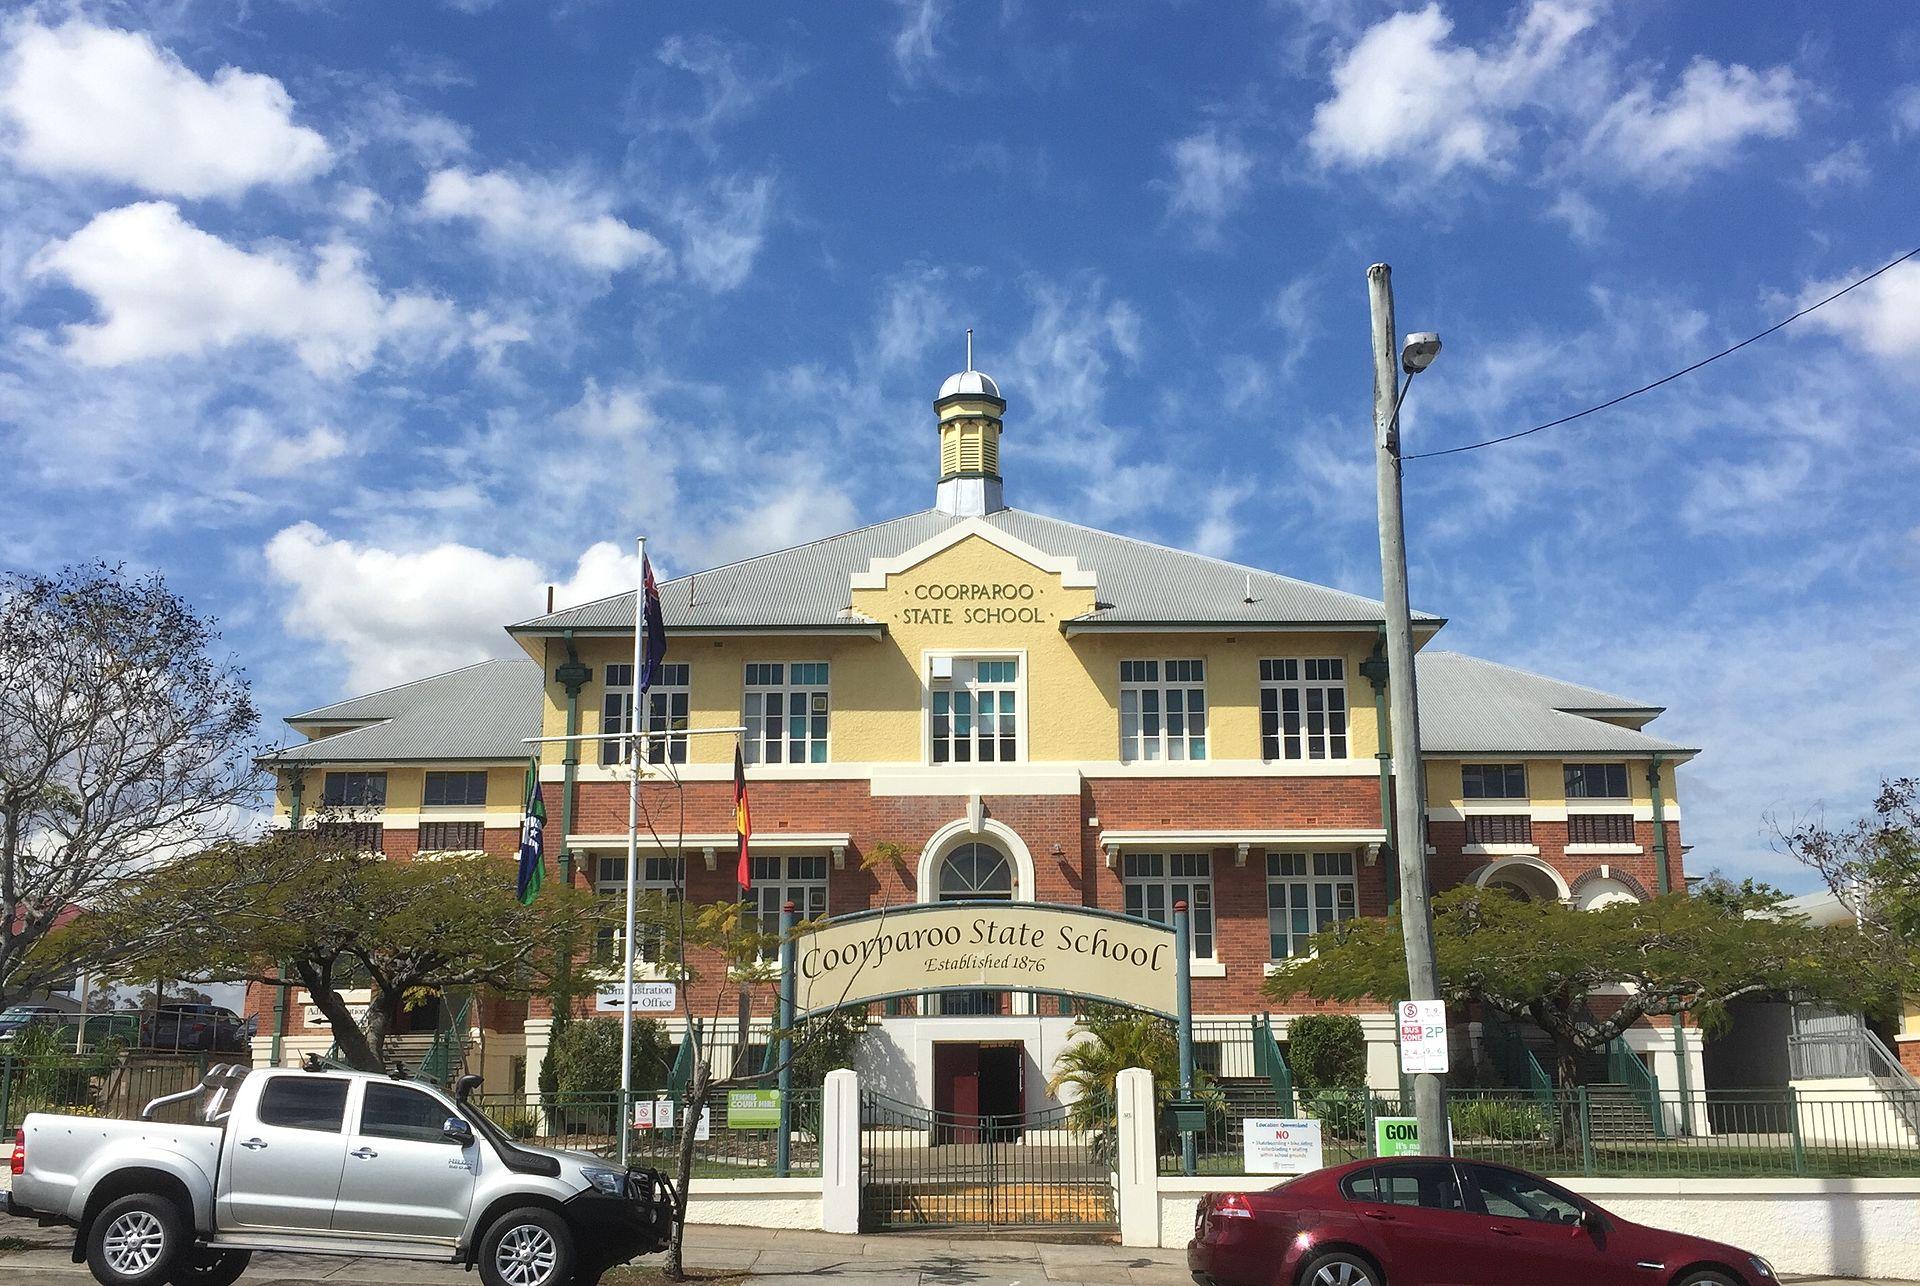 Seven Hills Postcode >> Coorparoo, Queensland - Wikipedia